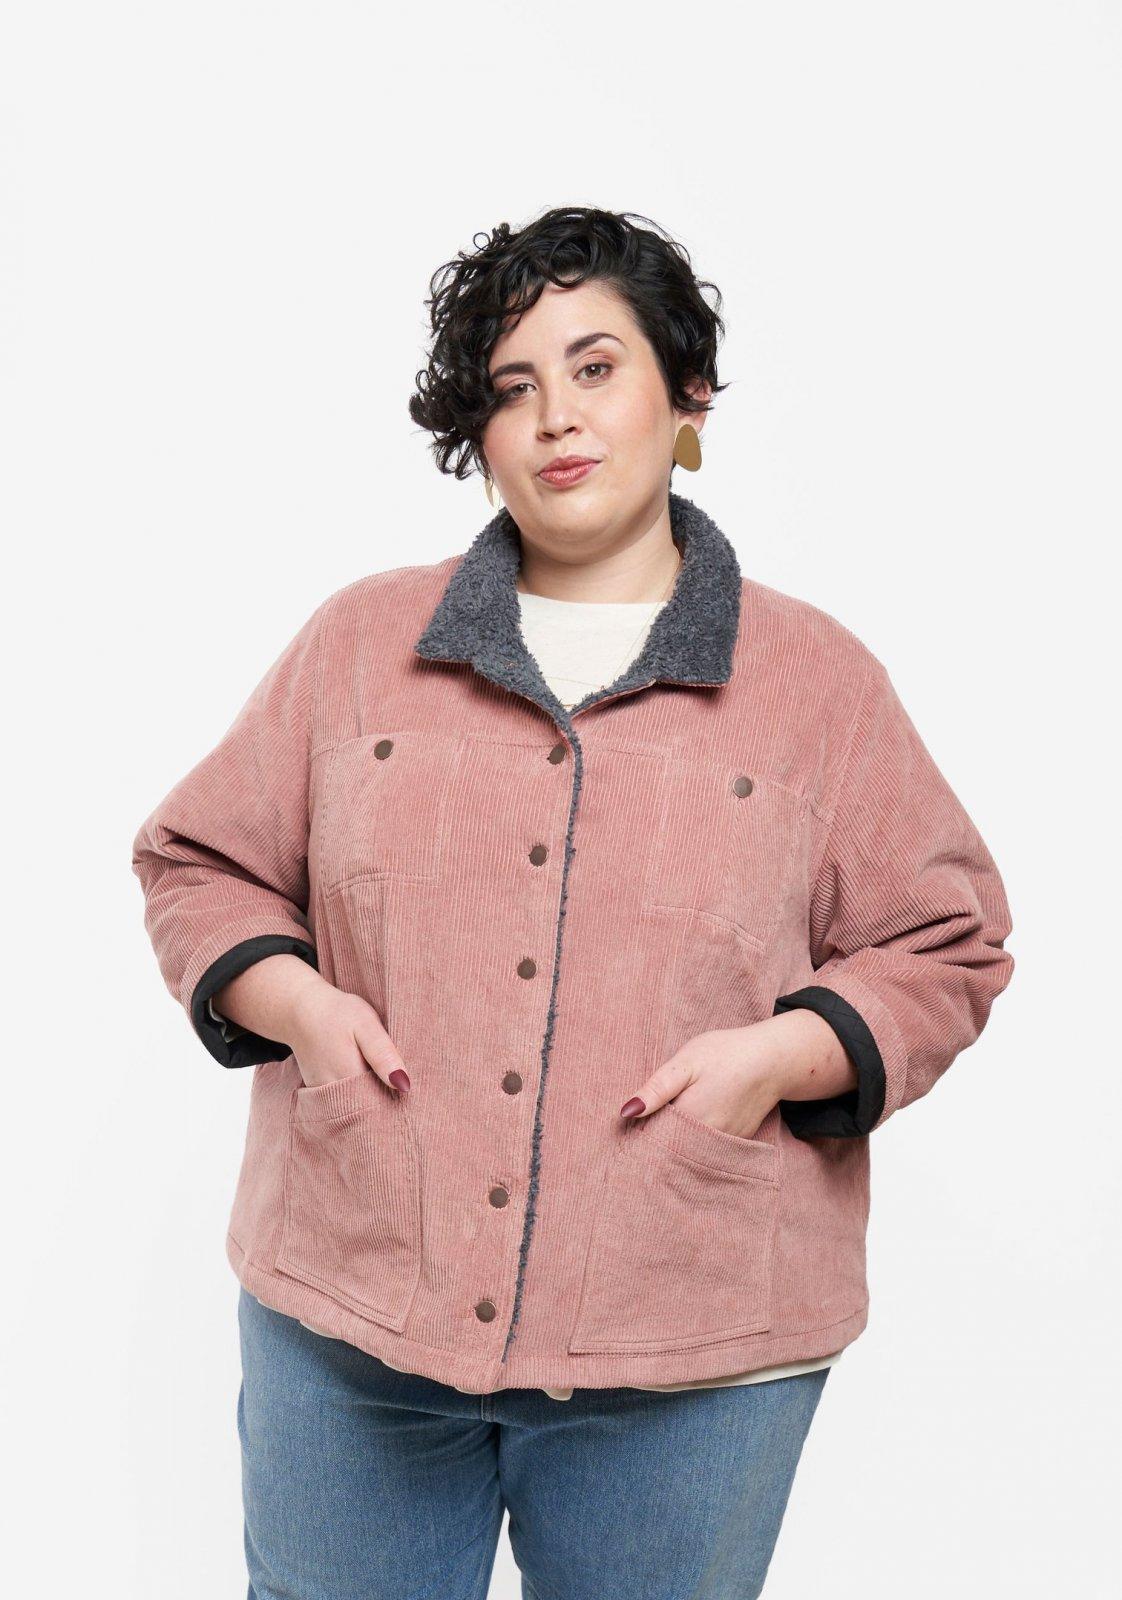 Pattern Thayer Jacket 14-30 - Grainline